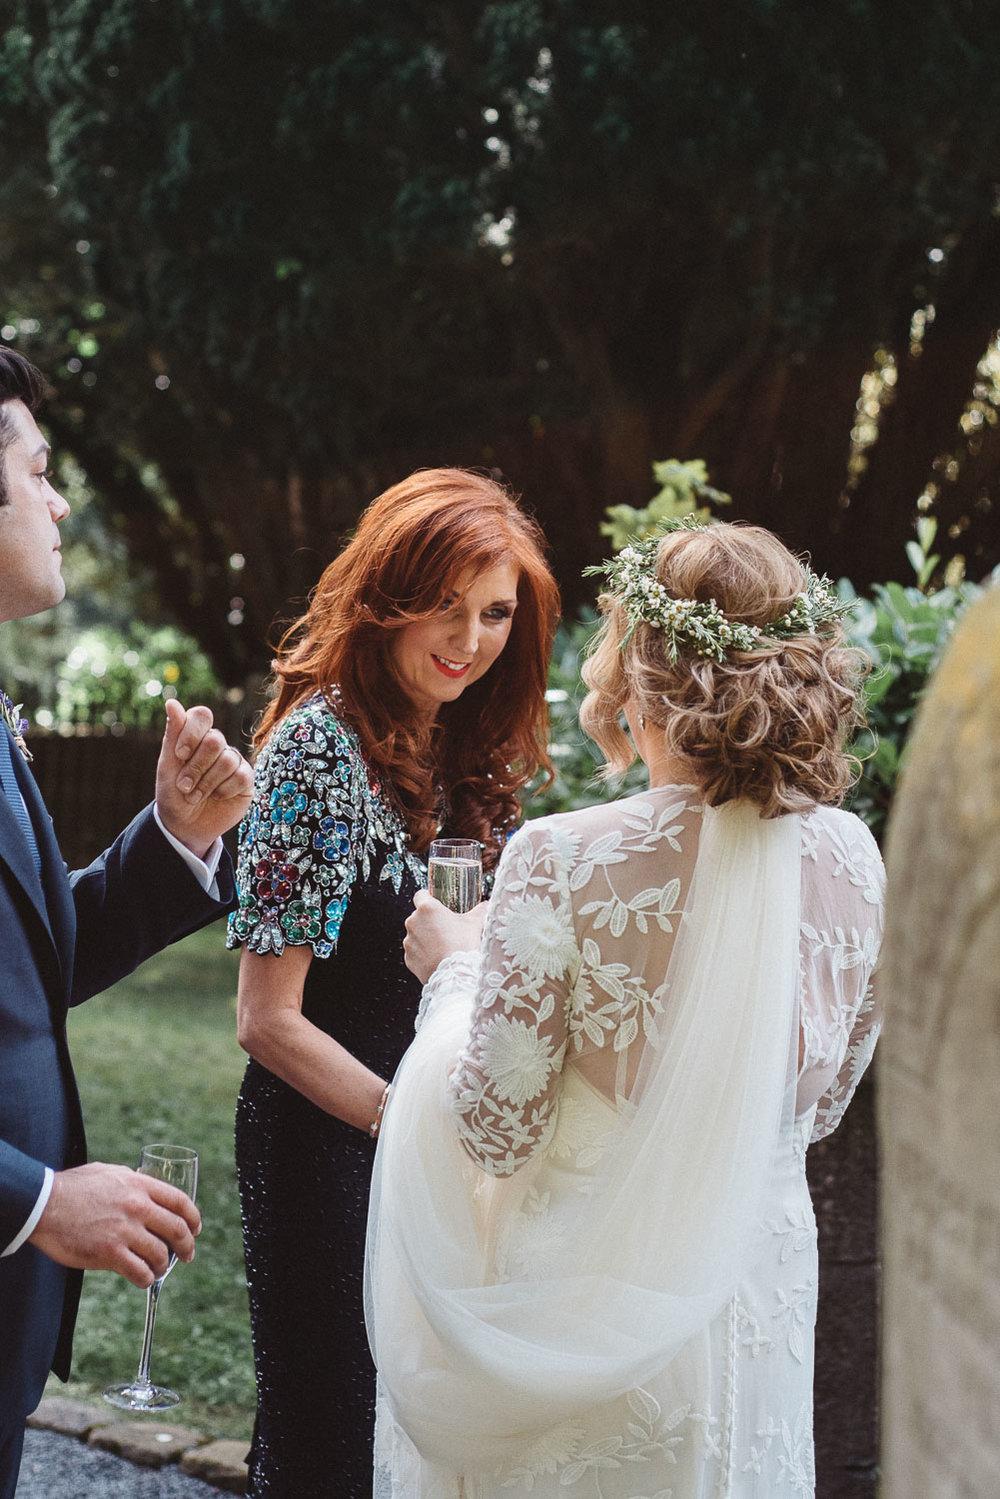 Wedding guests congratulates the bride.